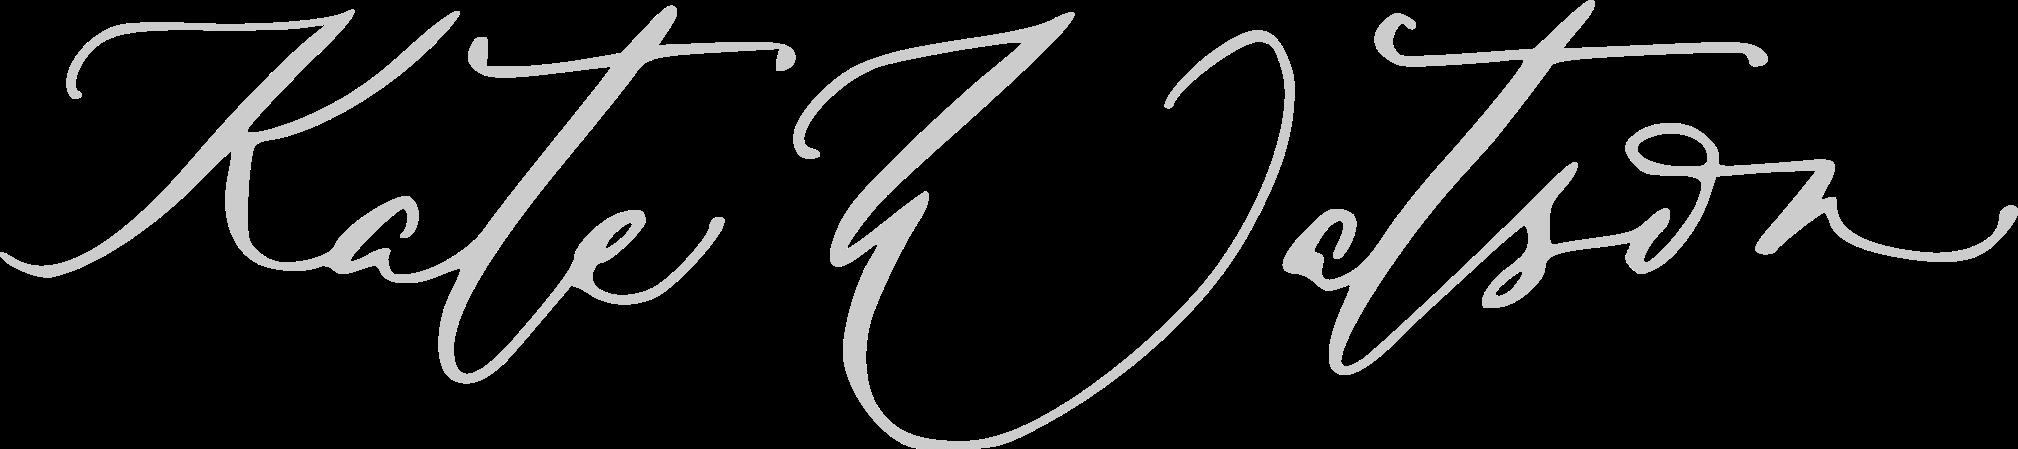 website-signature-VECTORISED.png